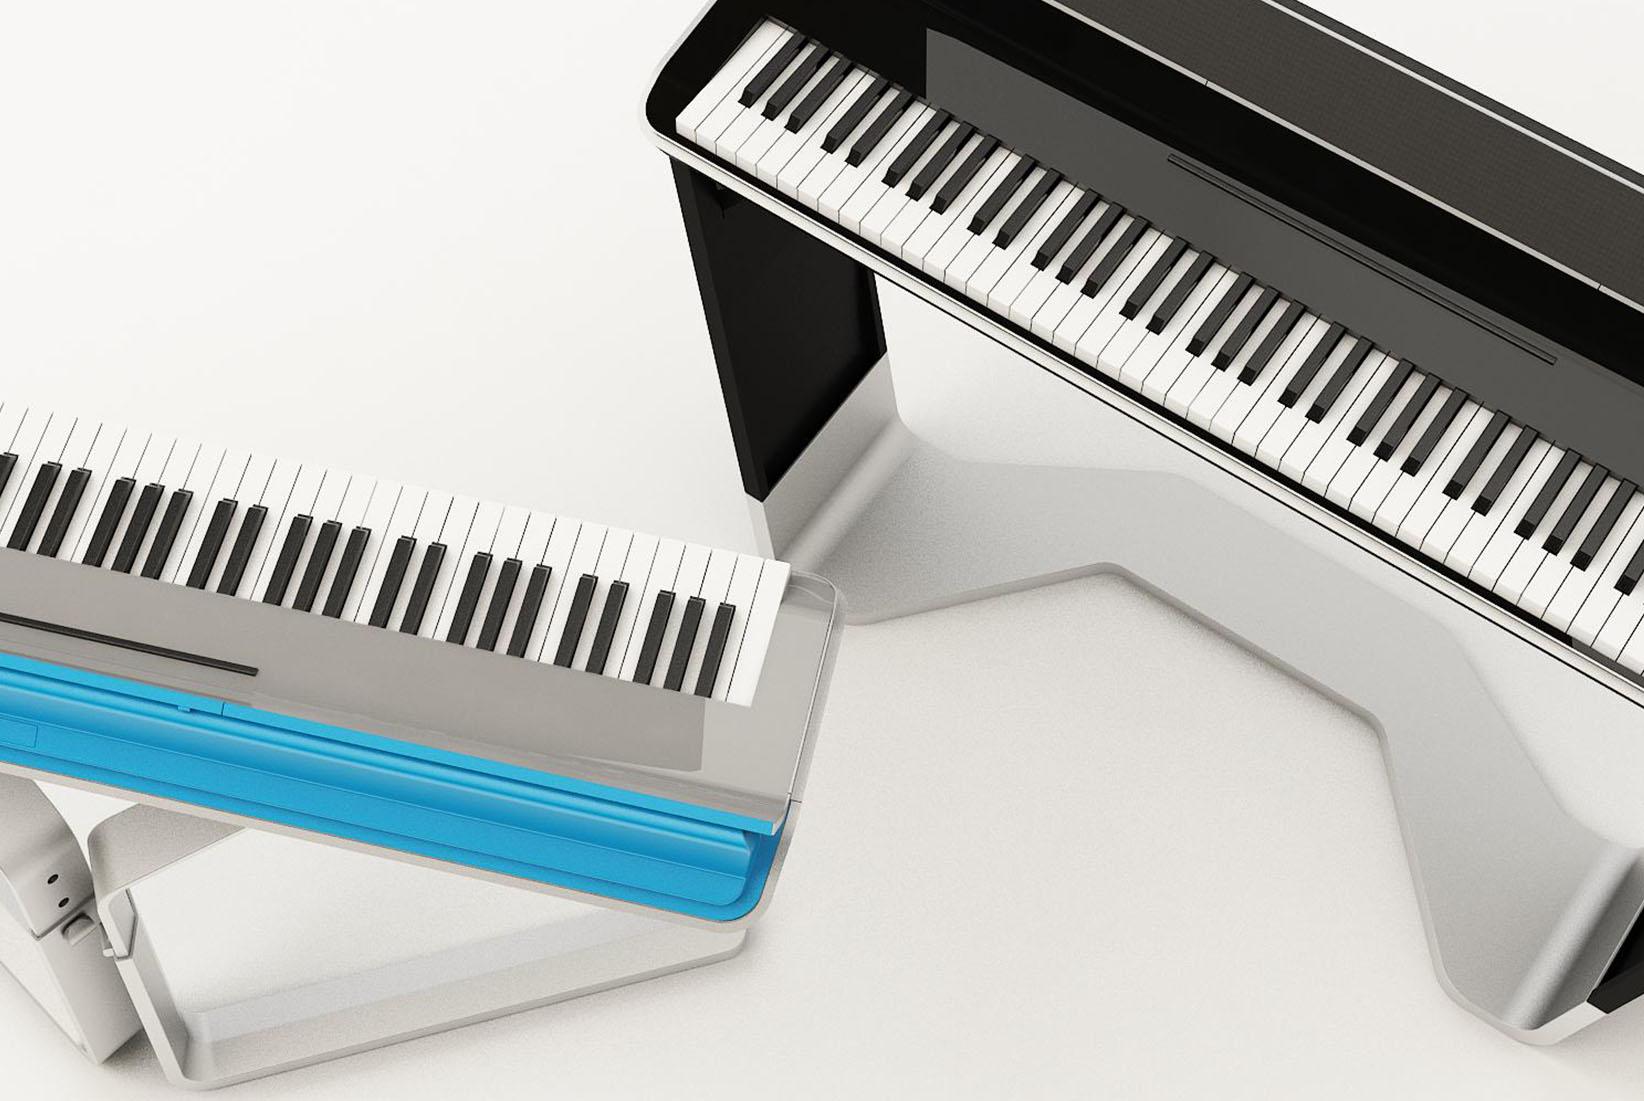 piano03.jpg